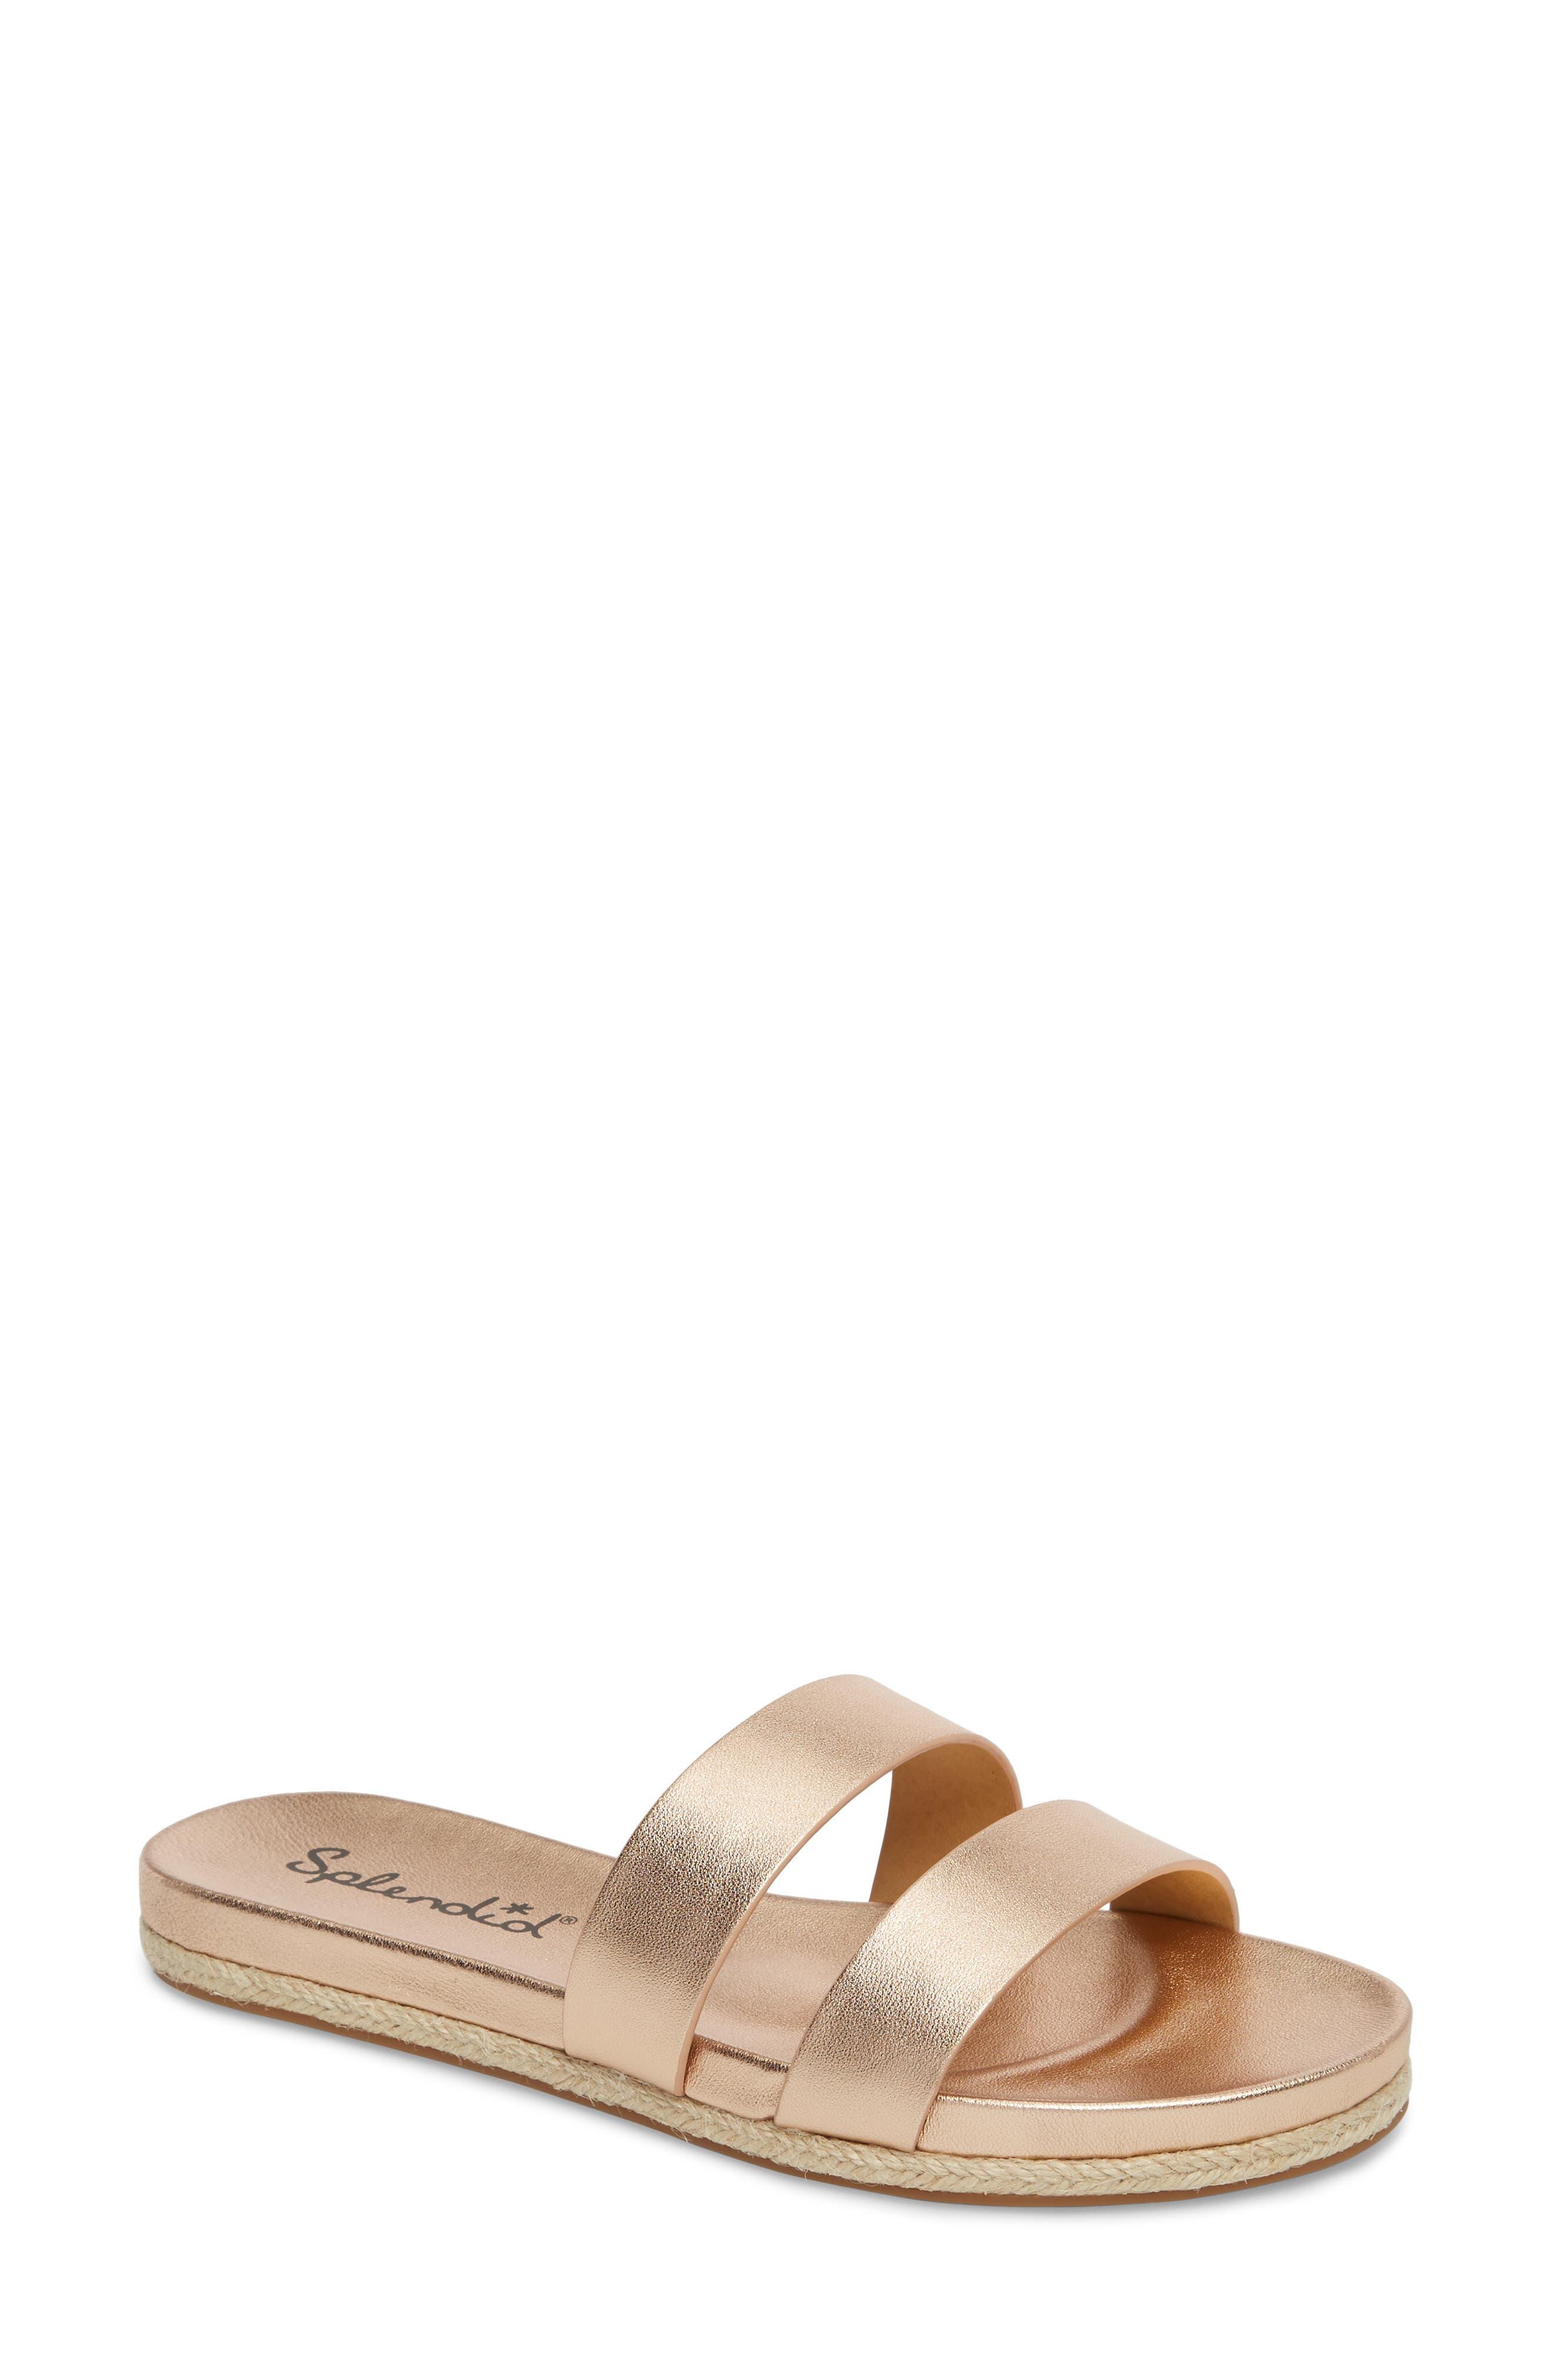 Alternate Image 1 Selected - Splendid Brittani Slide Sandal (Women)